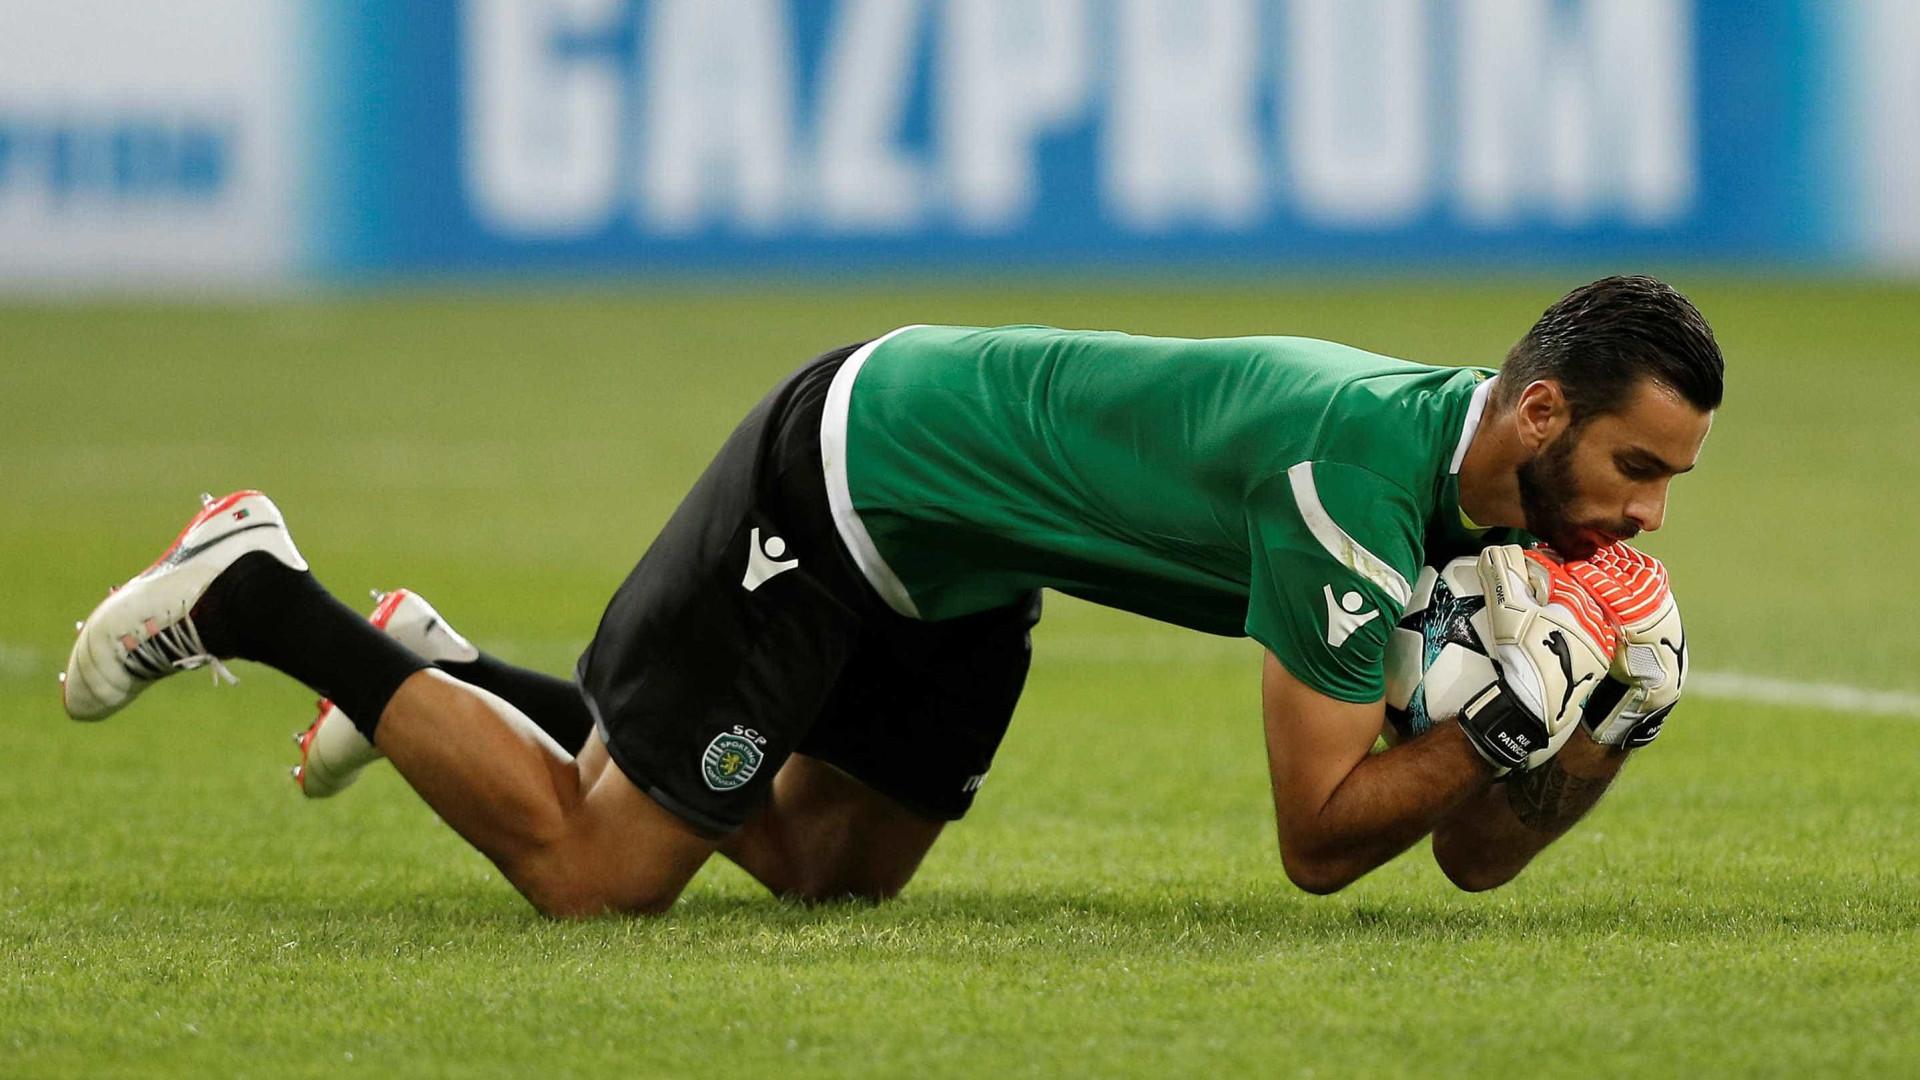 Rui Patrício a um passo do estatuto de lenda no Sporting